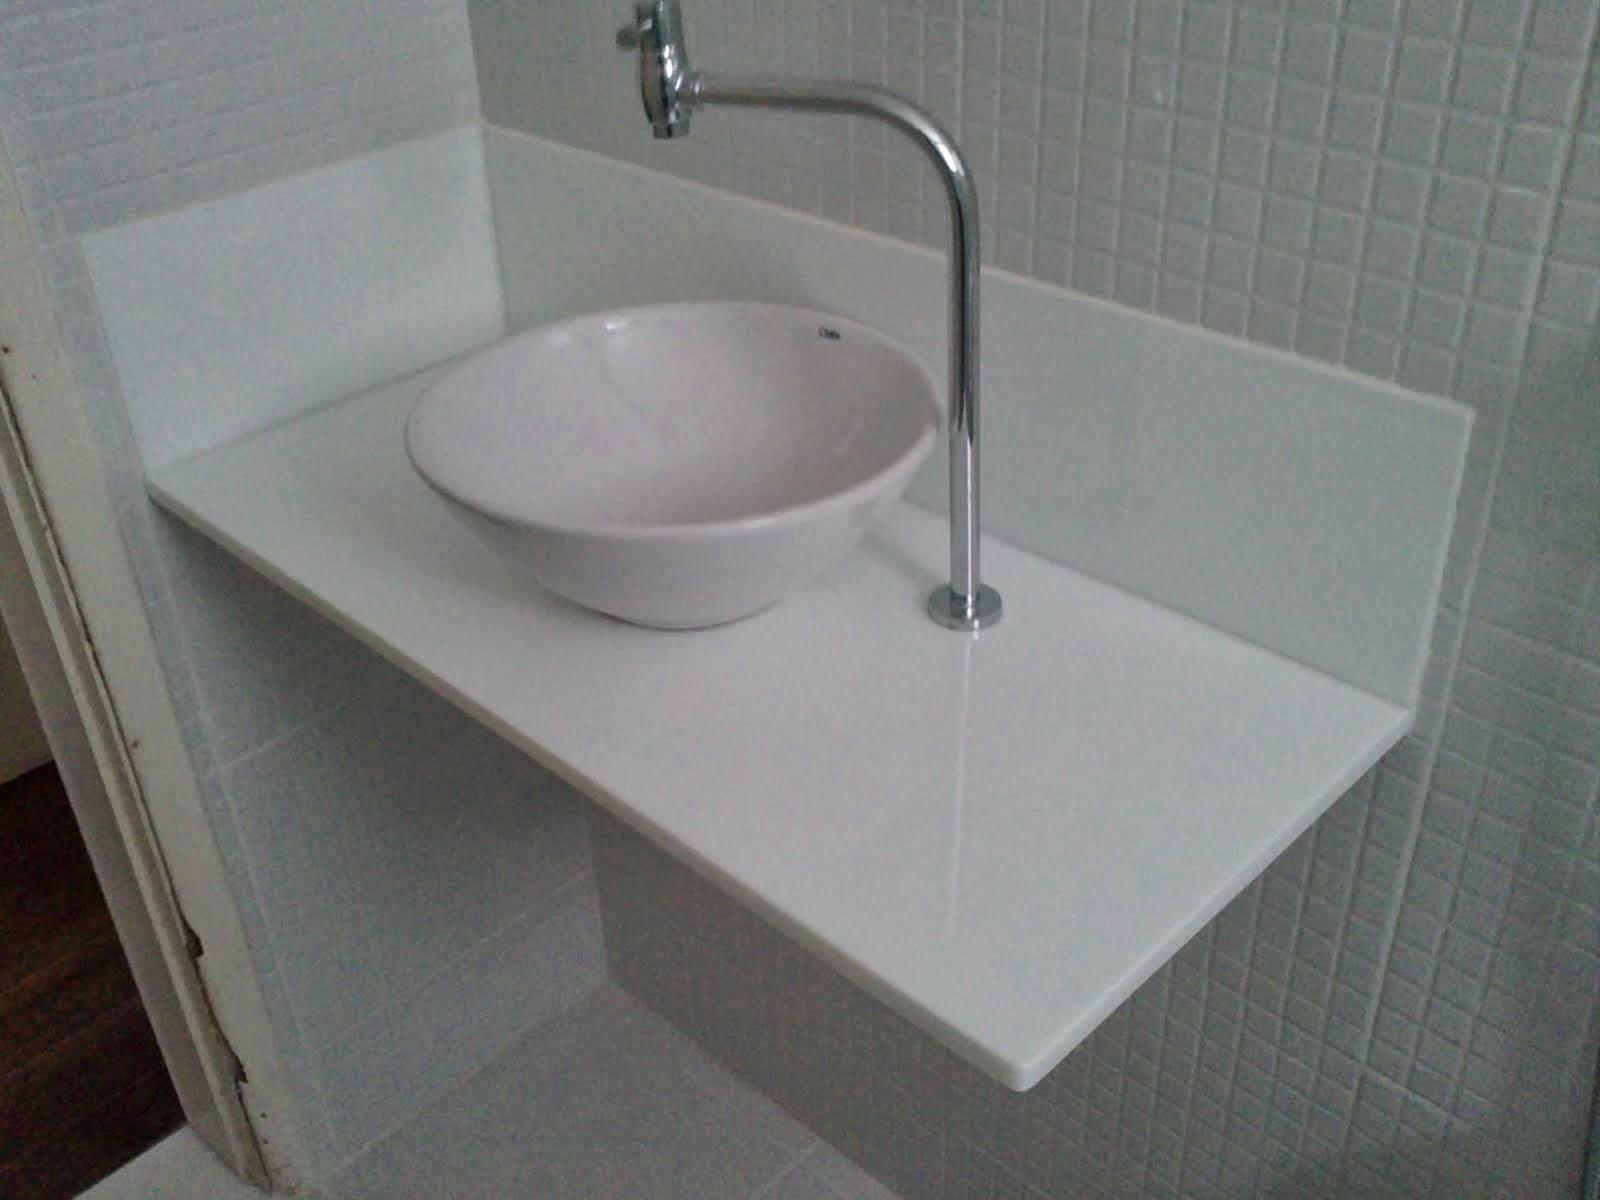 Ajuda pia do banheiro  Vida Louca de Casada  Blog sobre decoração, DIY, cu -> Pia De Banheiro Aqualux